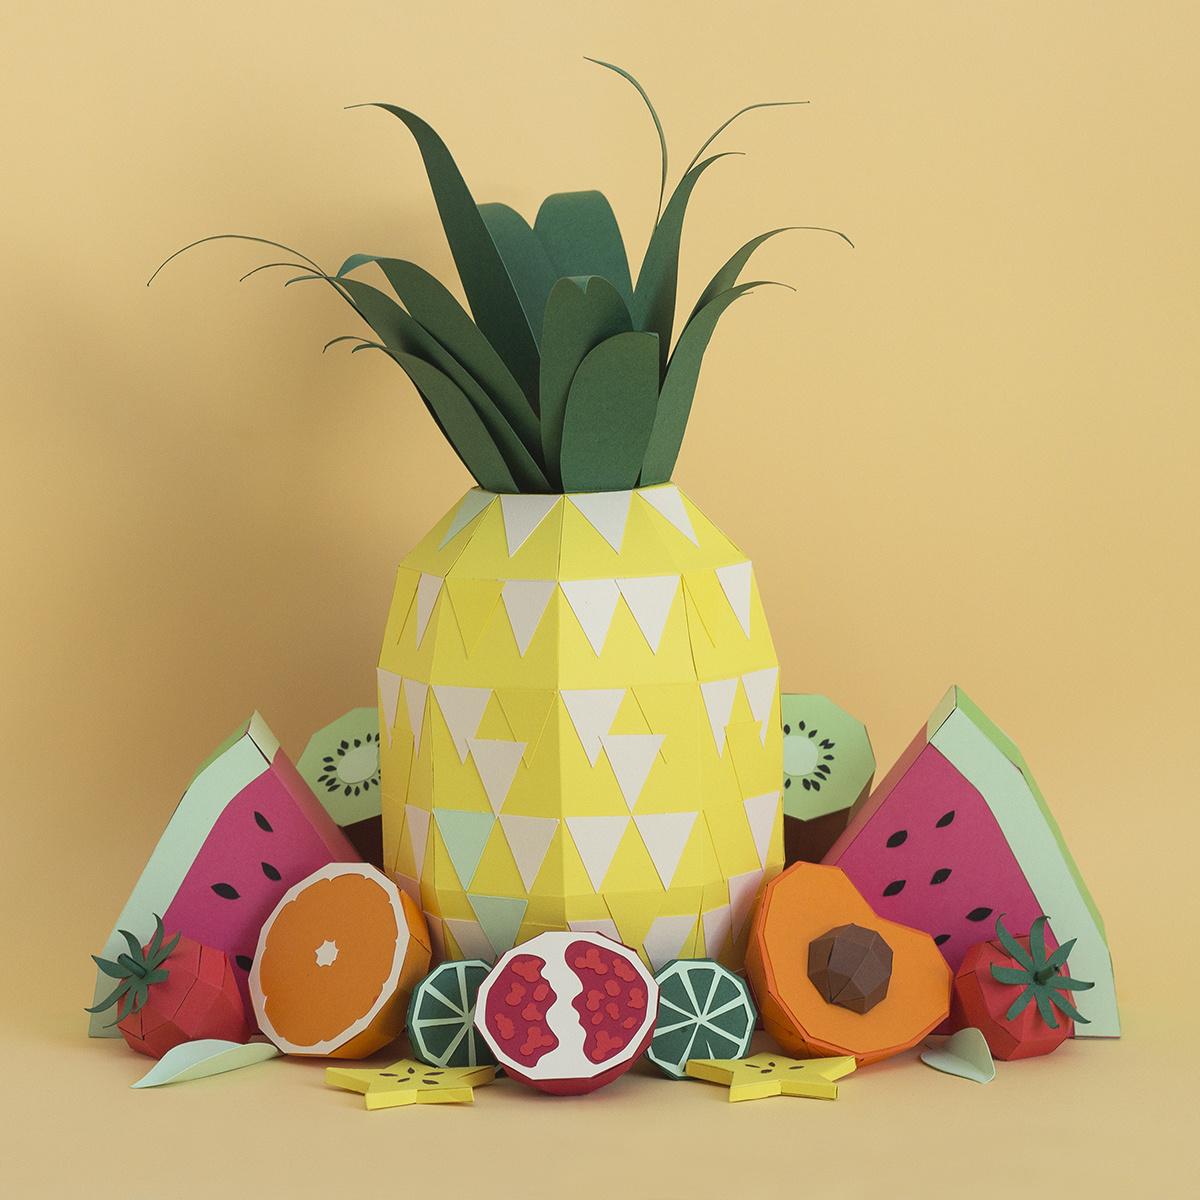 Fresh Drinks: Tropical Paper Craft Ingredients by Rendi Studio